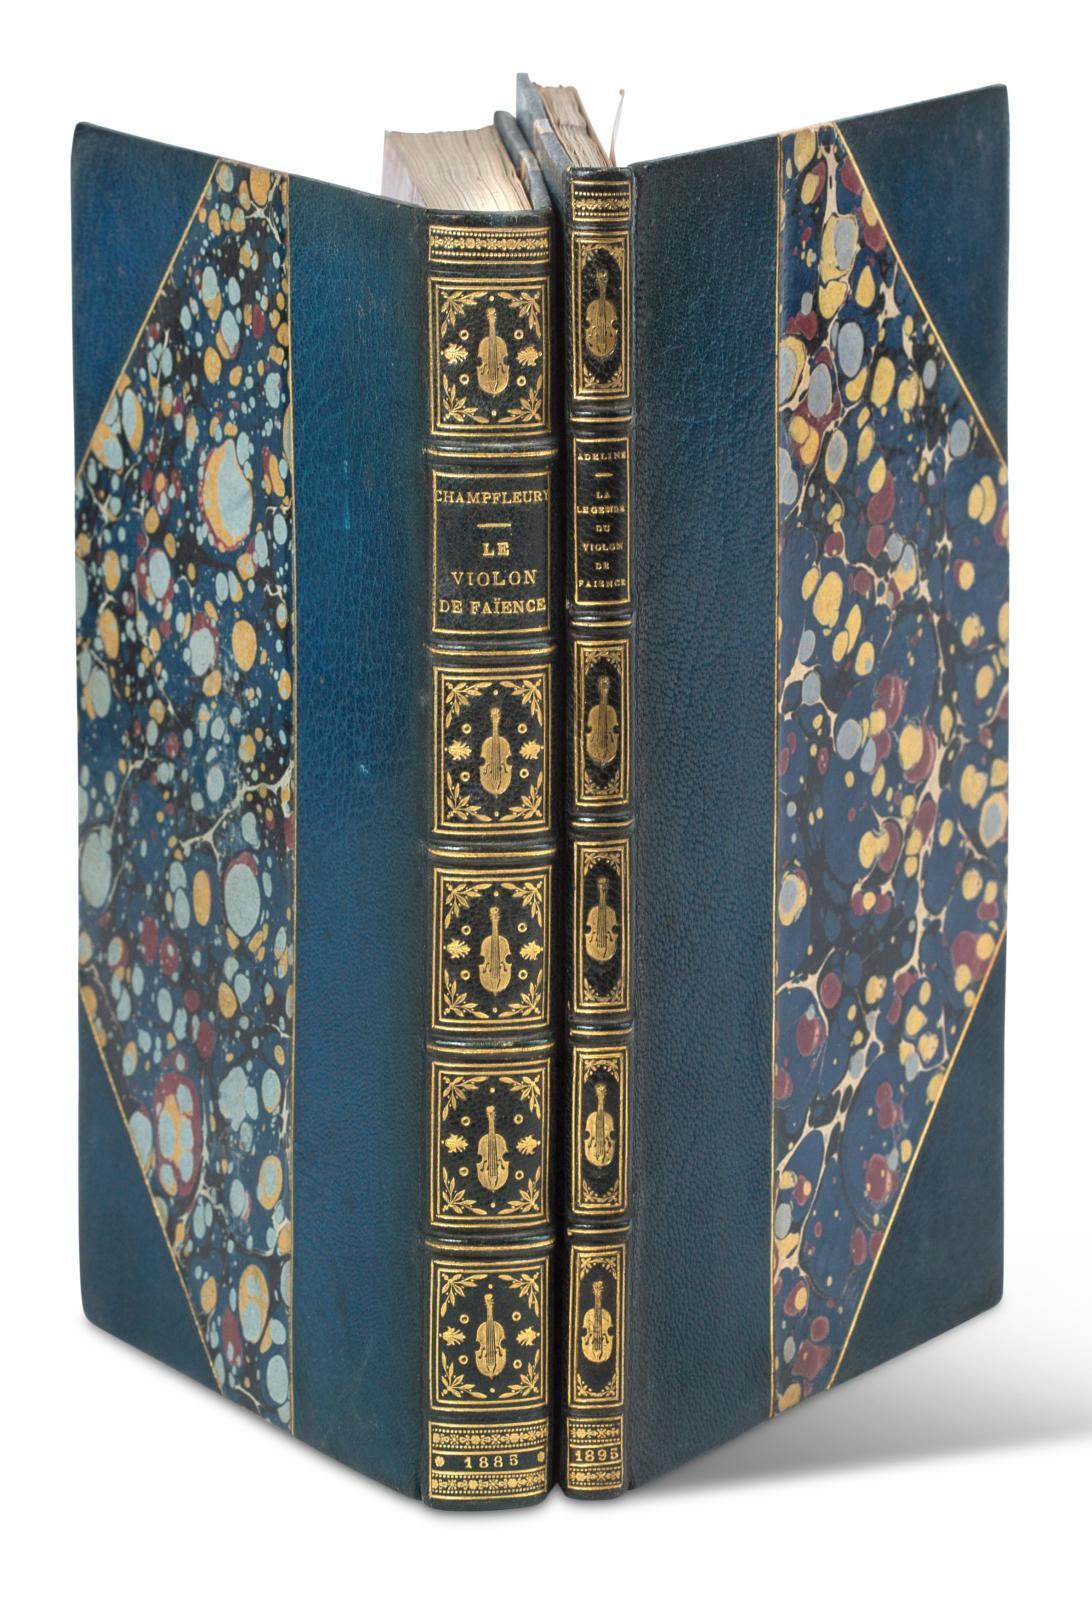 Champfleury, Le Violon de faïence, Paris, Conquet, 1885, in-8°, demi-maroquin bleu nuit à coins, dos à nerfs titré et orné de fers dorés a